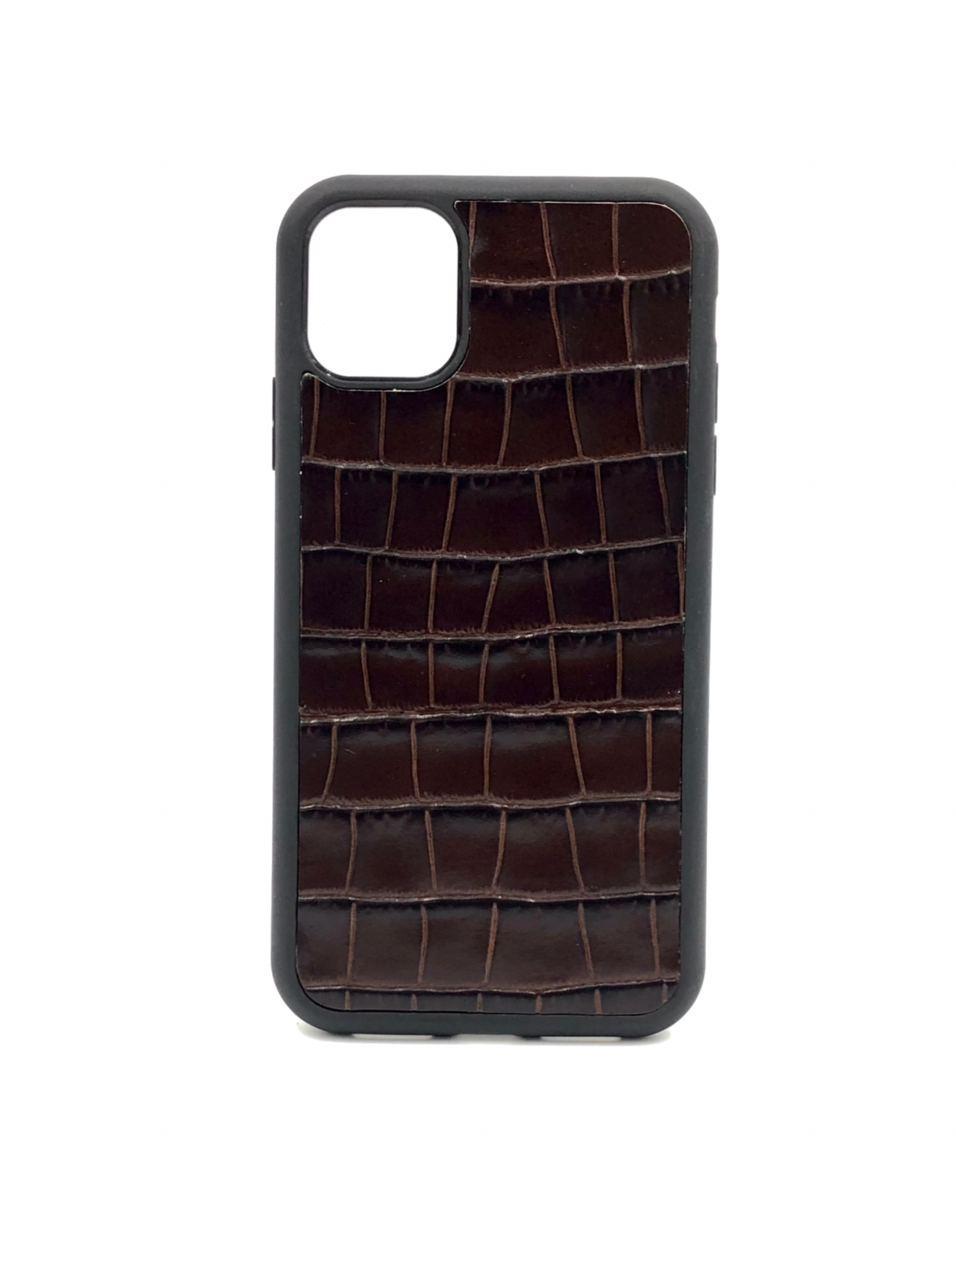 Чехол для iPhone 11 Pro тёмно-коричневого цвета из Телячьей кожи тиснёной под Крокодила